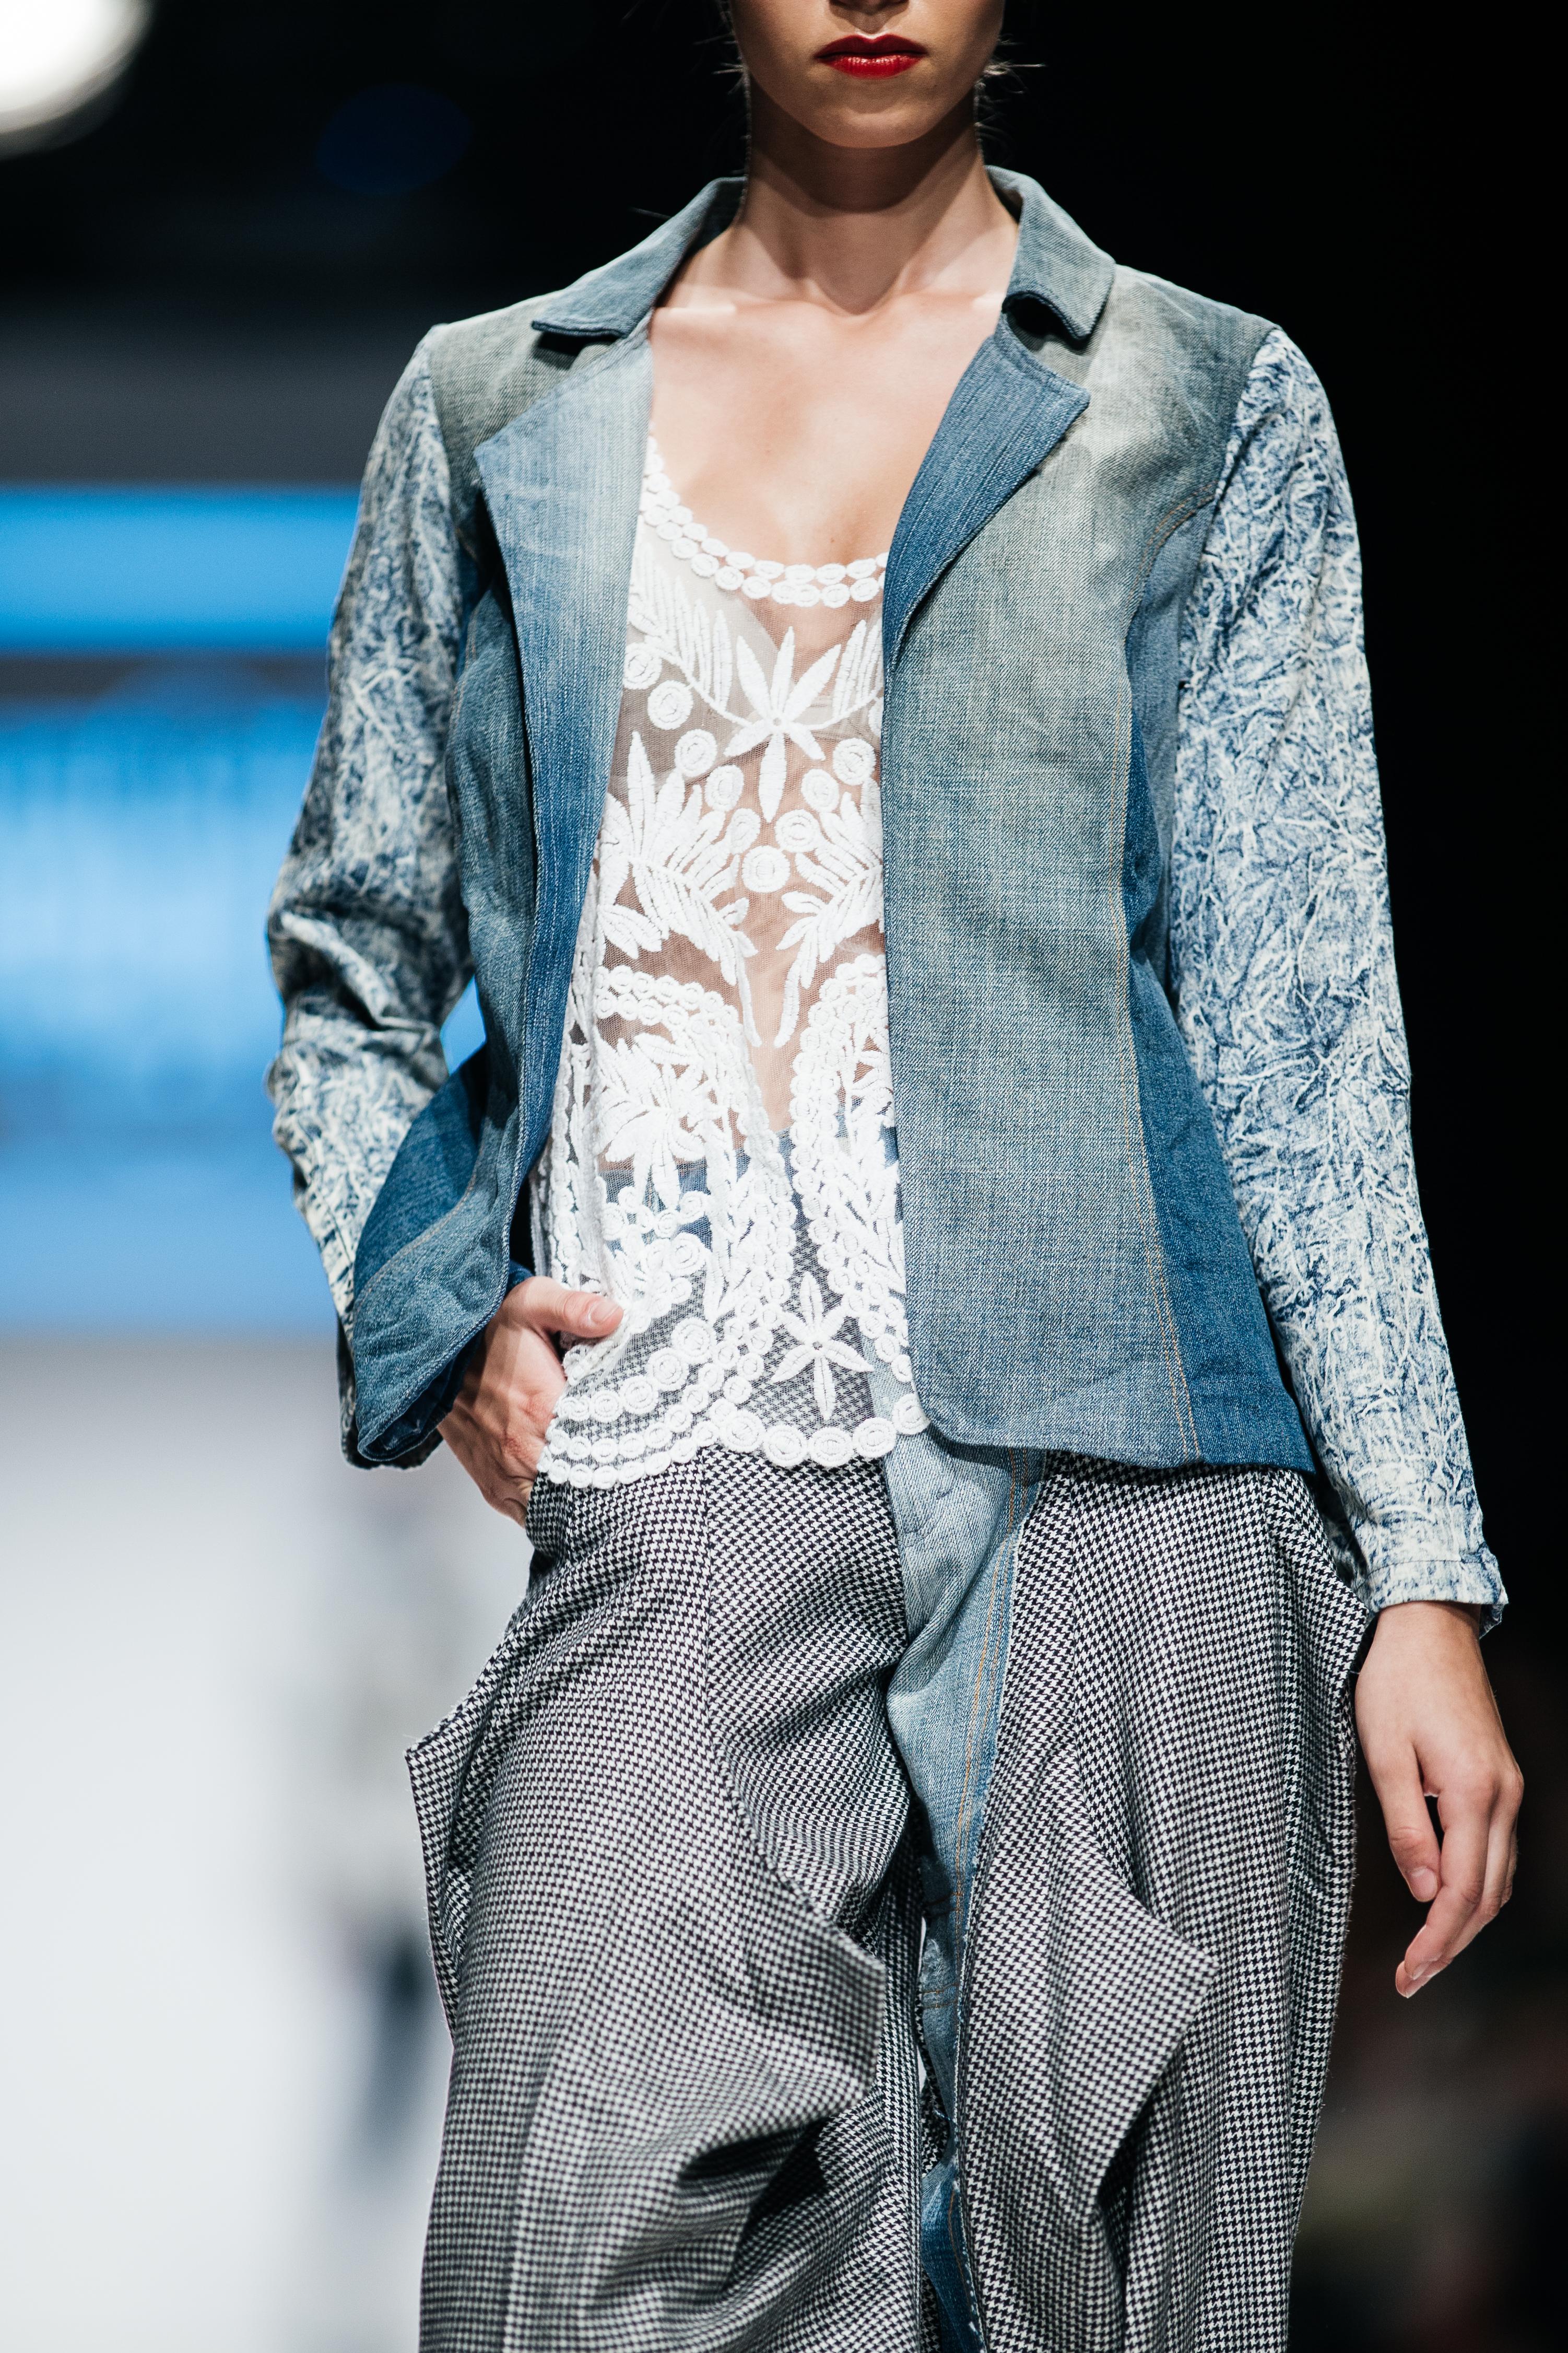 Menabò, agenzia di comunicazione a Forlì, per Juan Carlos Gordillo by TENCEL™ Denim - Dettaglio outfit